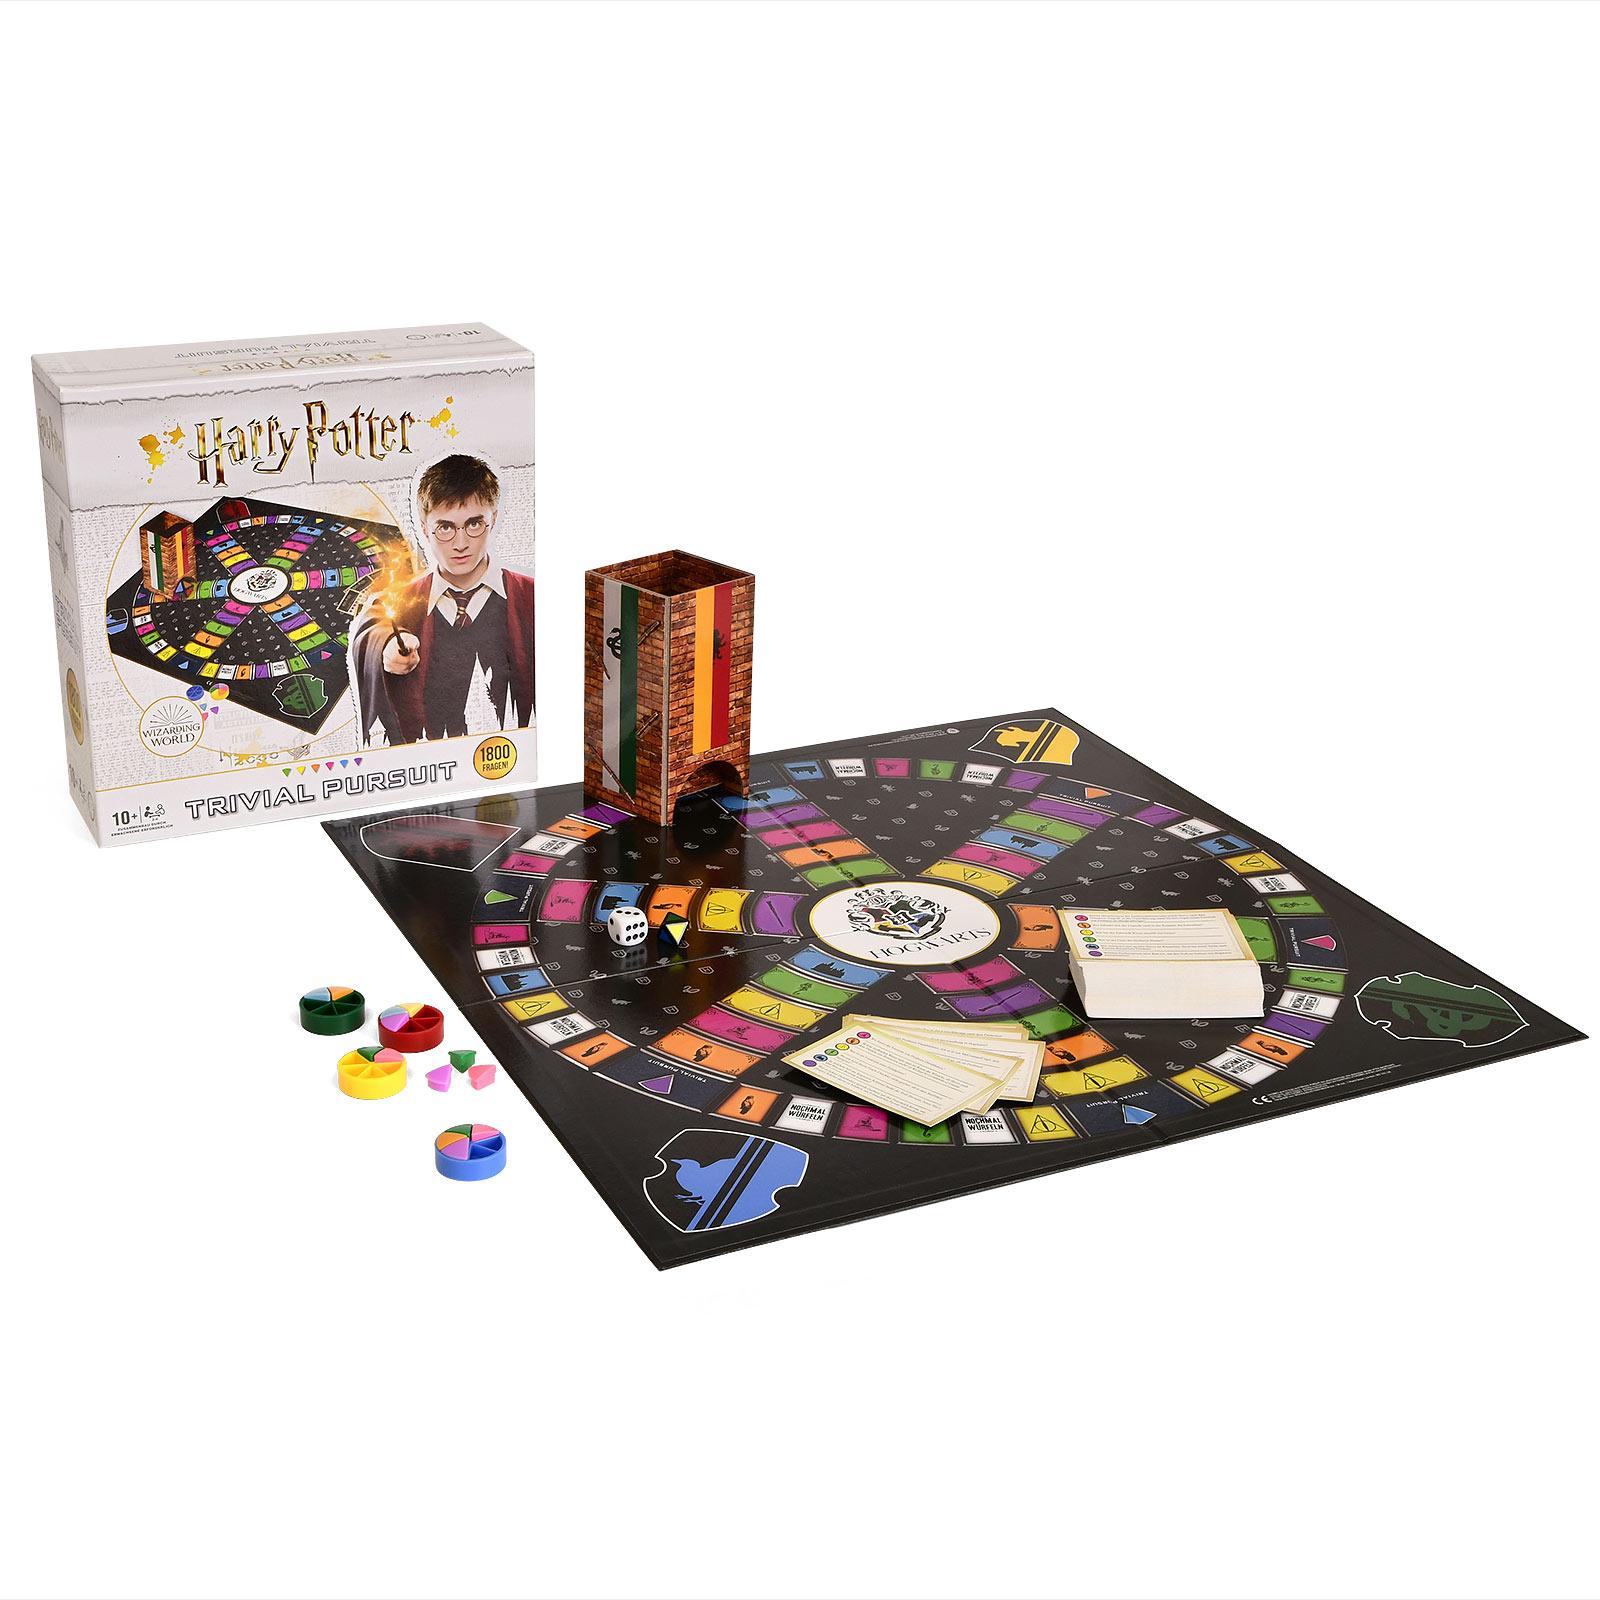 Harry Potter - Trivial Pursuit XL